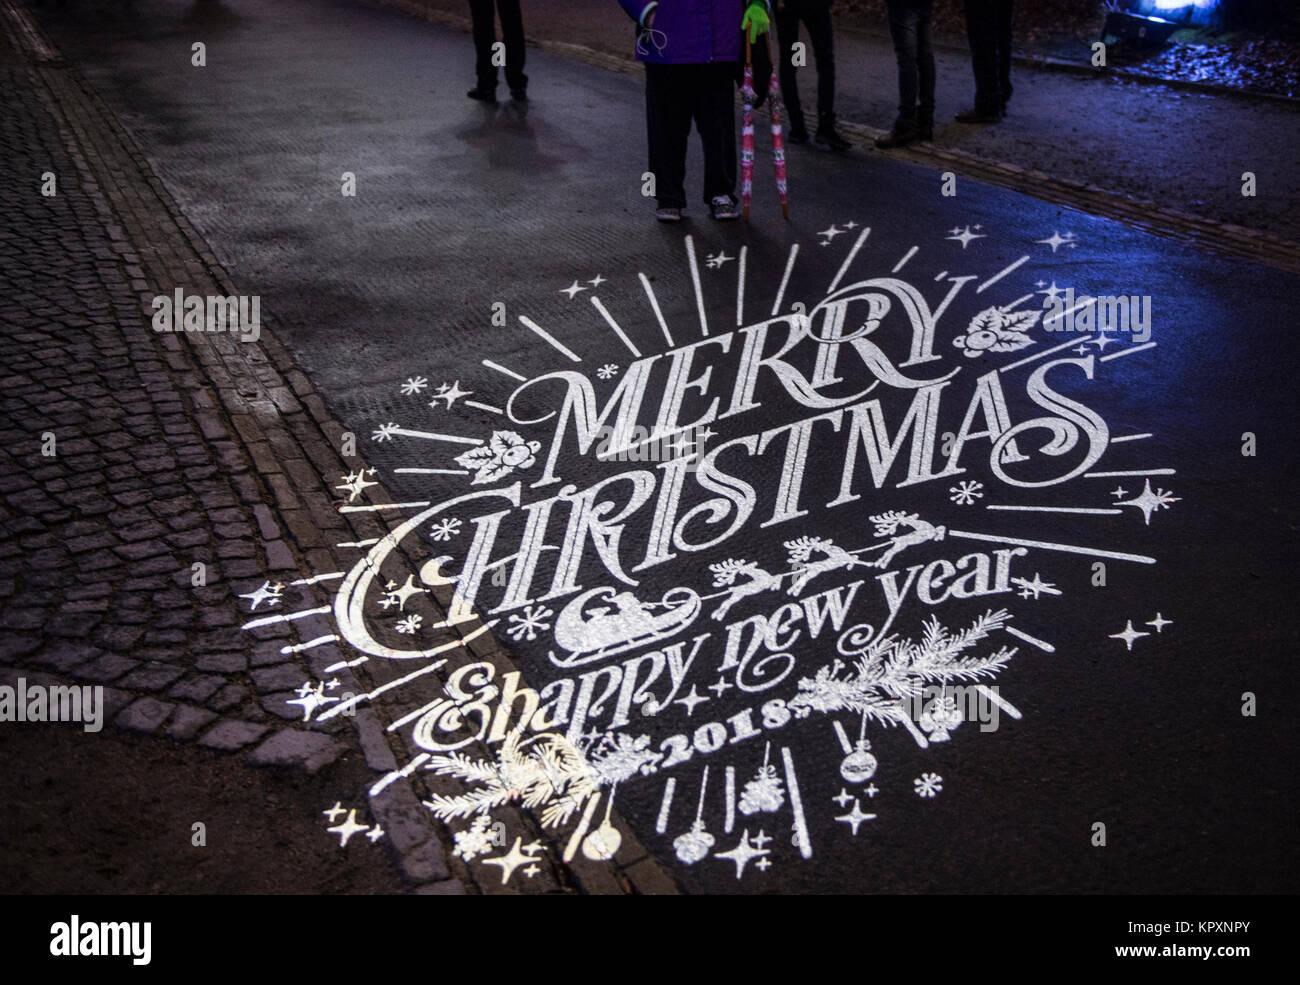 Frohe Weihnachten Berlin.Berlin Deutschland 17 Dez 2017 Frohe Weihnachten Shappy Neues